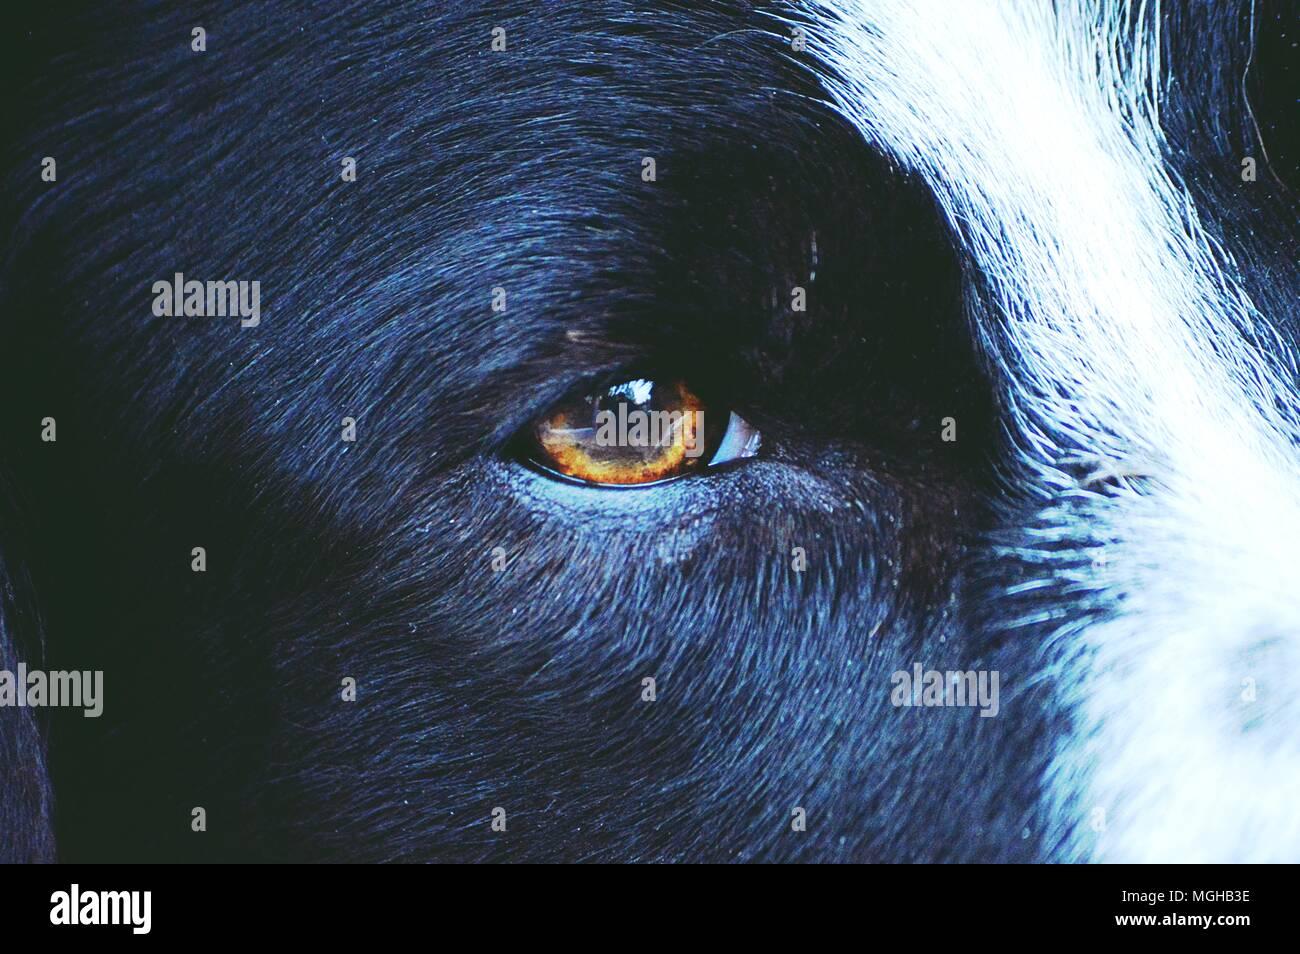 Une journée dans une vie de chien Photo Stock